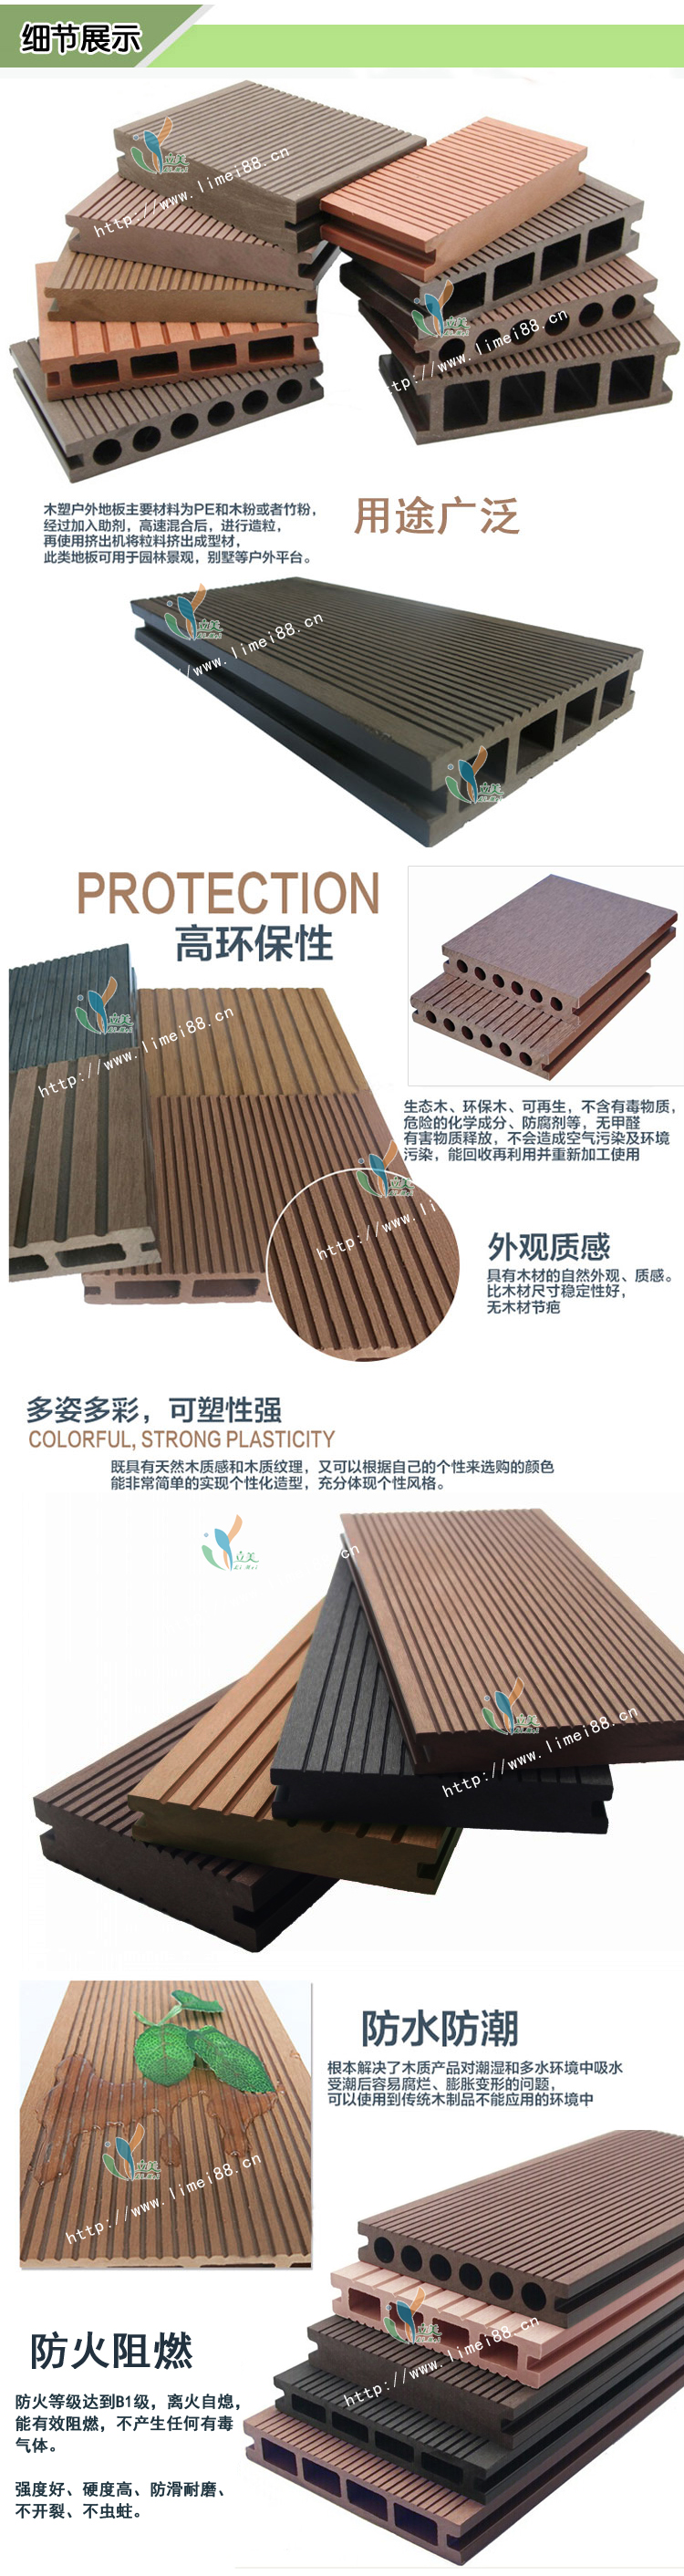 楼台木塑地板